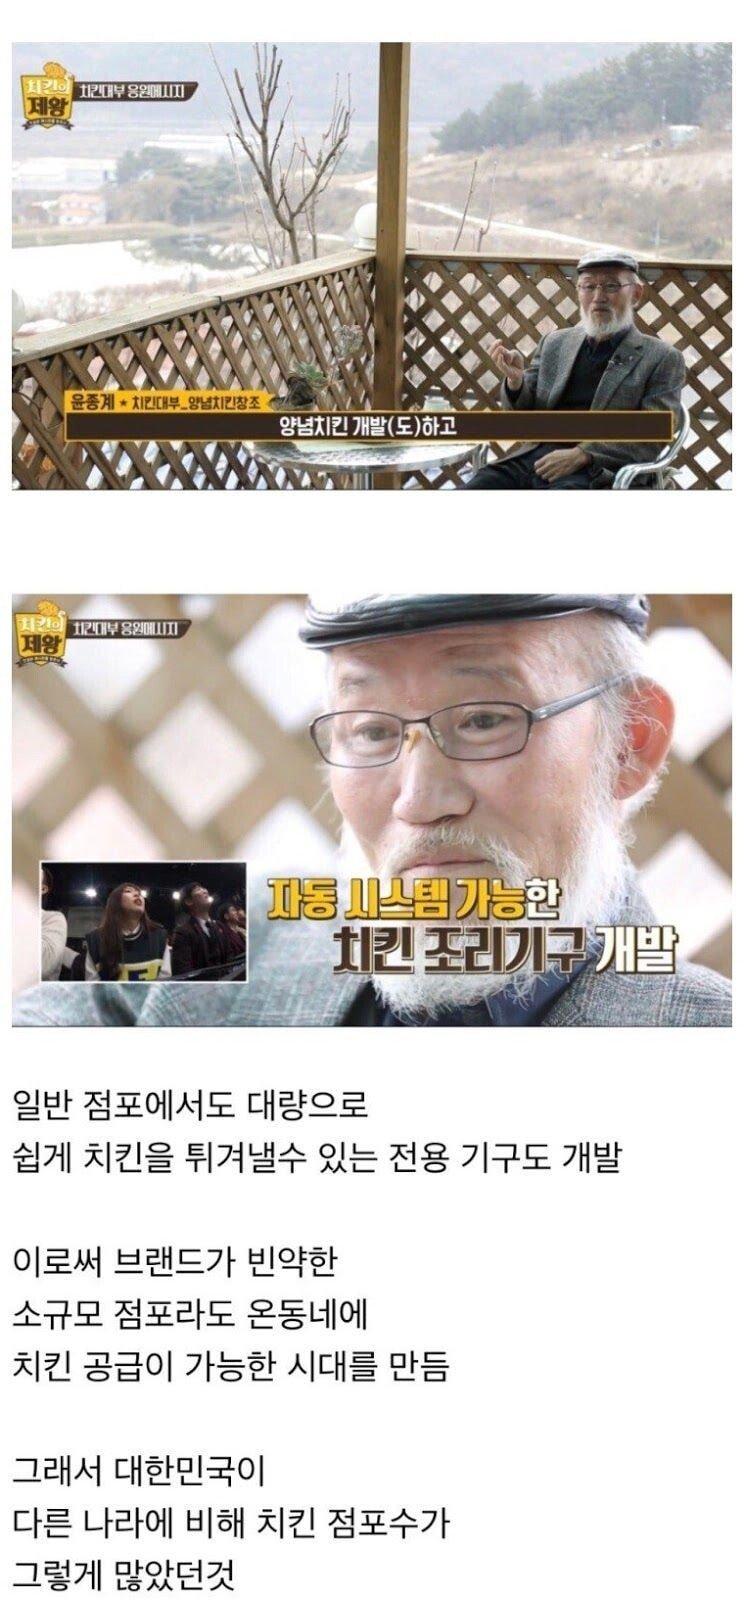 한국 치킨계의 위인.jpg